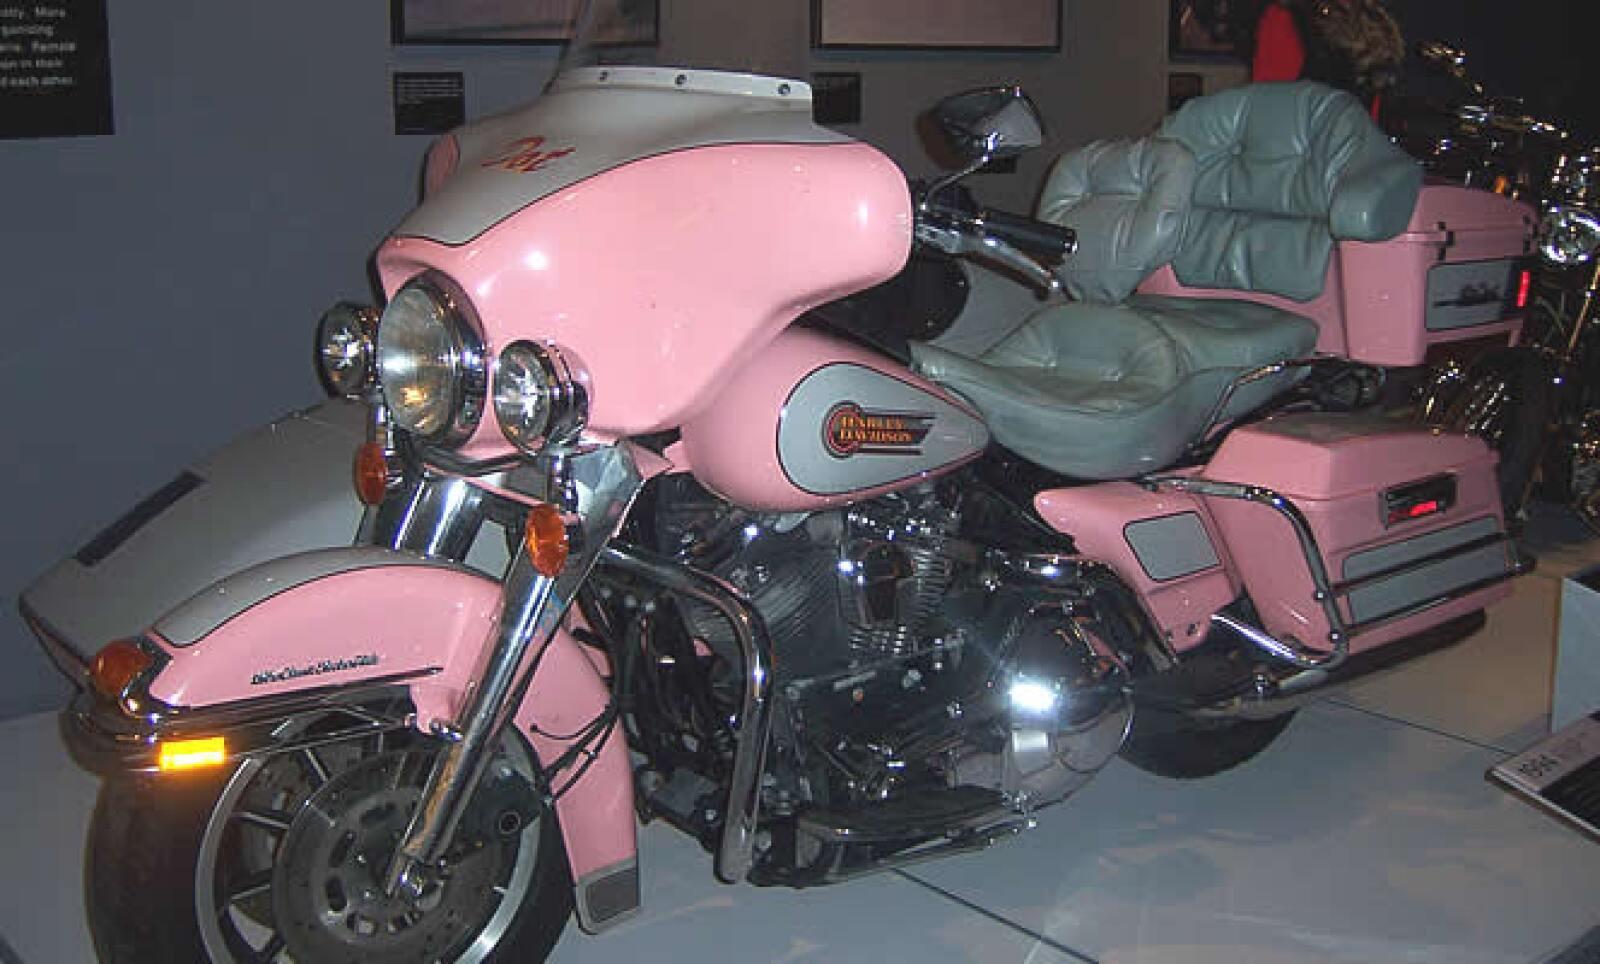 ¿Y quién dijo que Harley no incluía a las mujeres en su mercado?